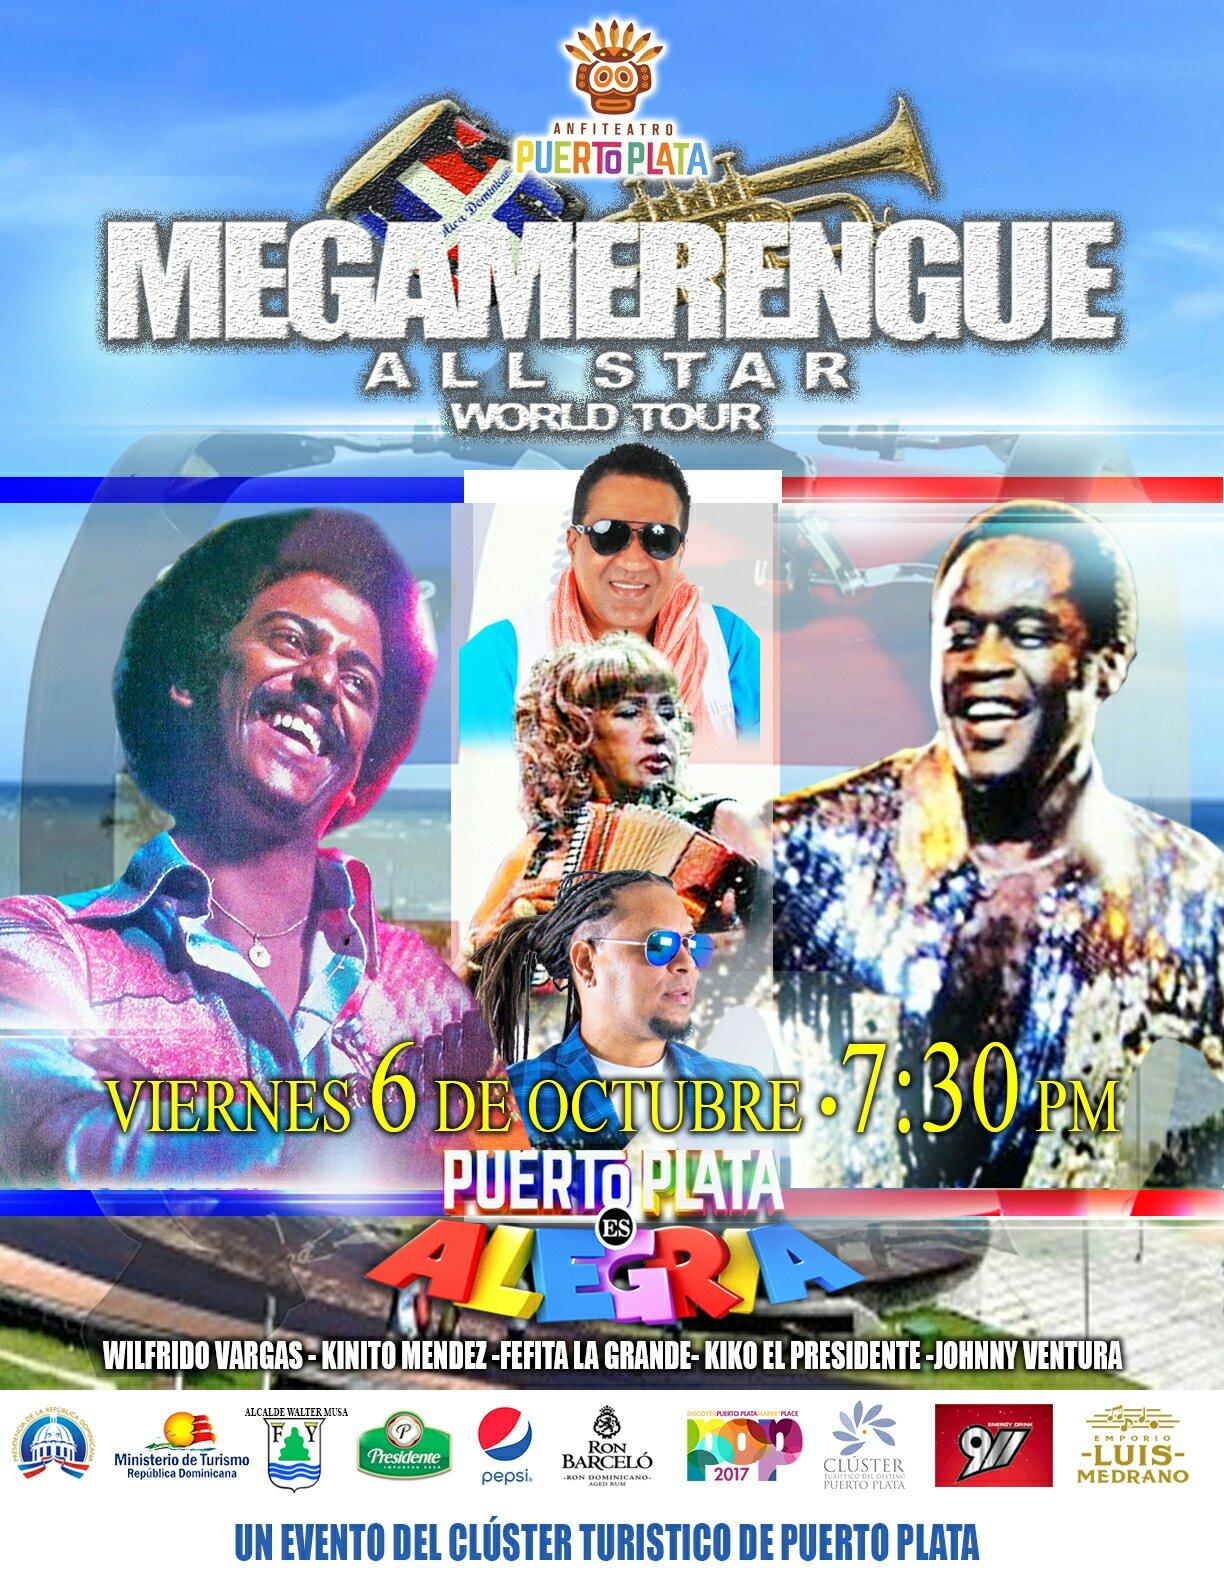 Merengueros celebraran 100 años del merengue con el Megamerengue Word Tours